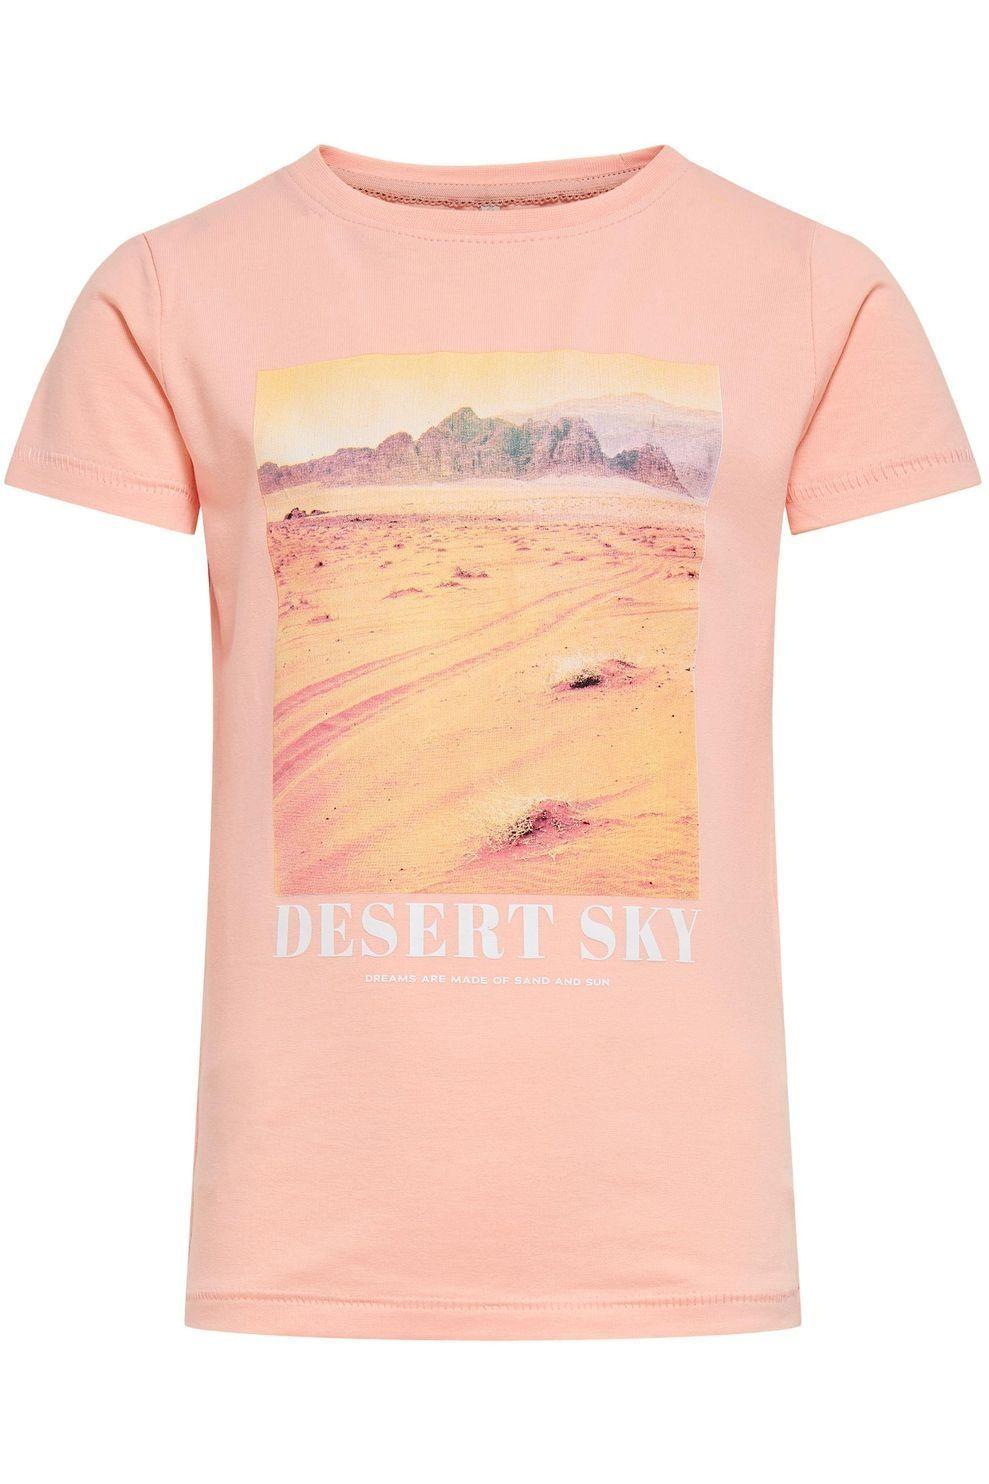 Kids Only T-Shirt Konlala Life S/S Fitted Box Jrs voor meisjes - Roze - Maten: 128, 140, 152, 164